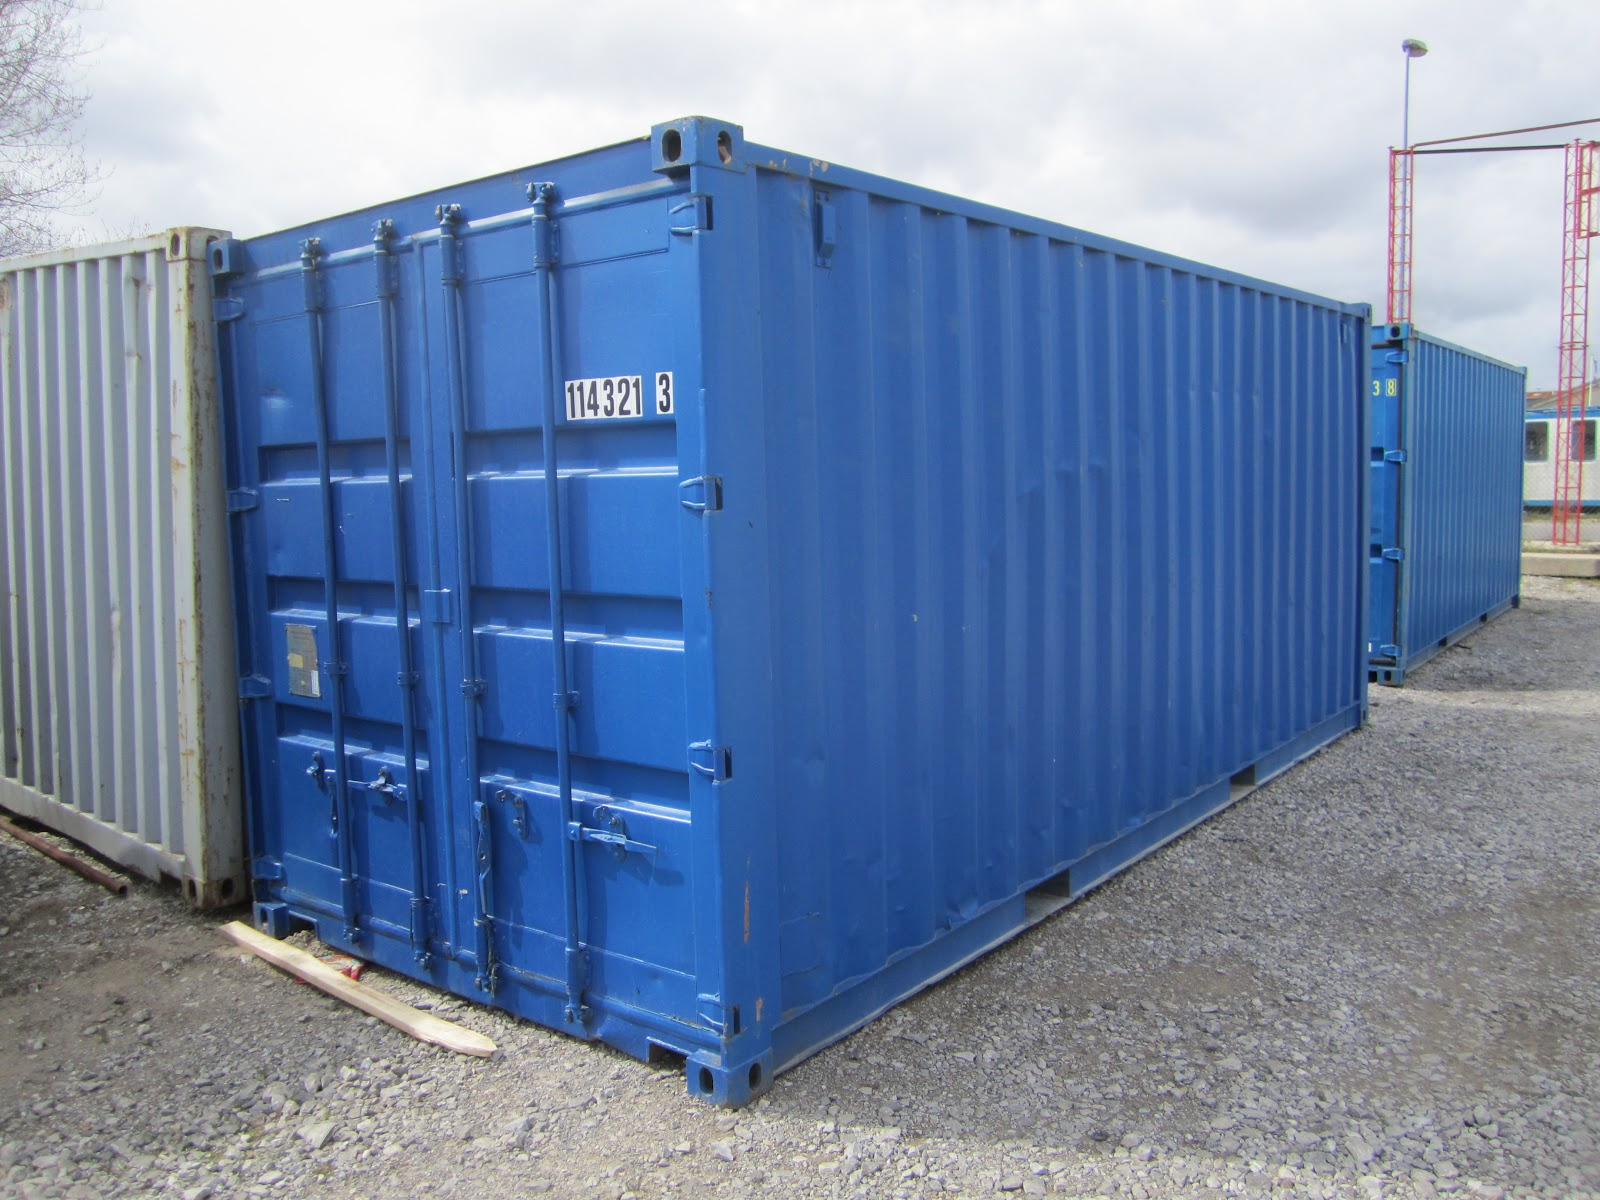 fosmat mat riels d 39 occasion t l 06 09 24 27 76 container maritime dernier voyage. Black Bedroom Furniture Sets. Home Design Ideas